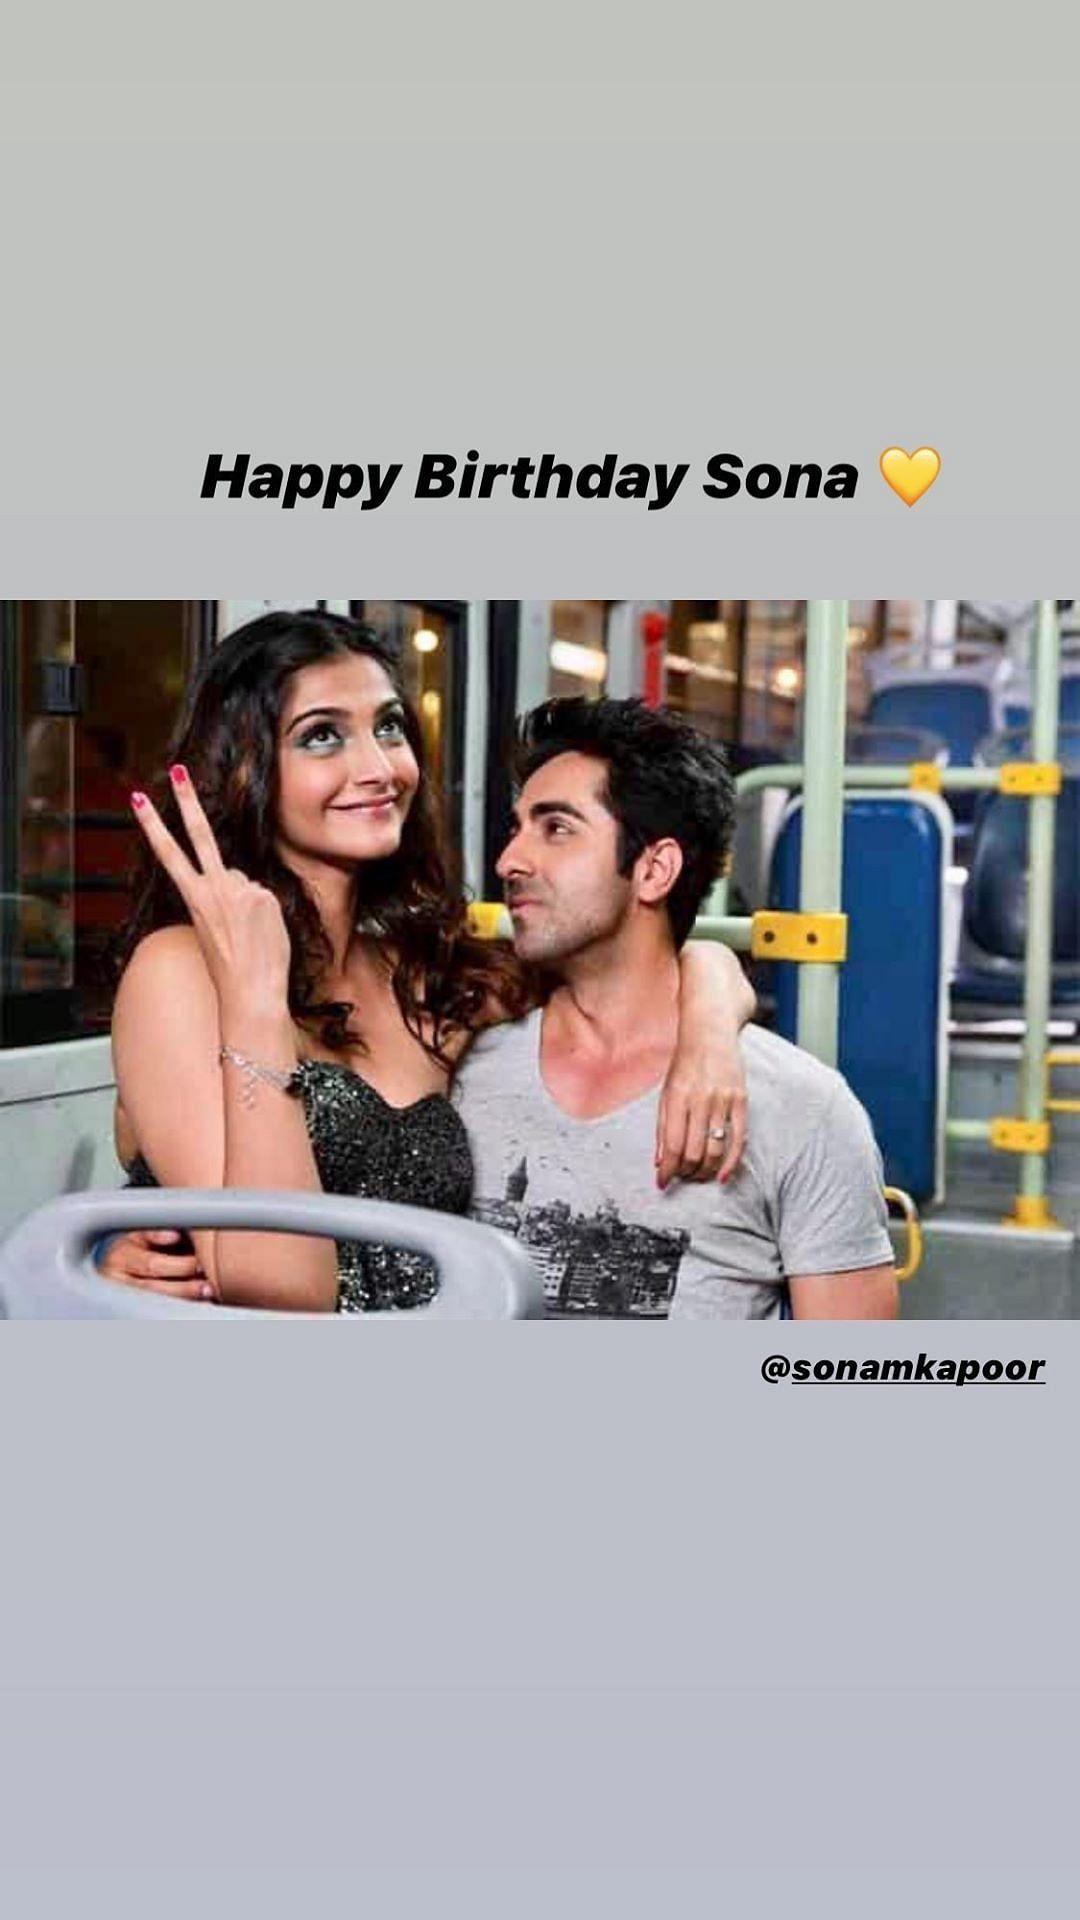 B'day Wishes Pour in For Sonam Kapoor From Kareena, KJo, Janhvi